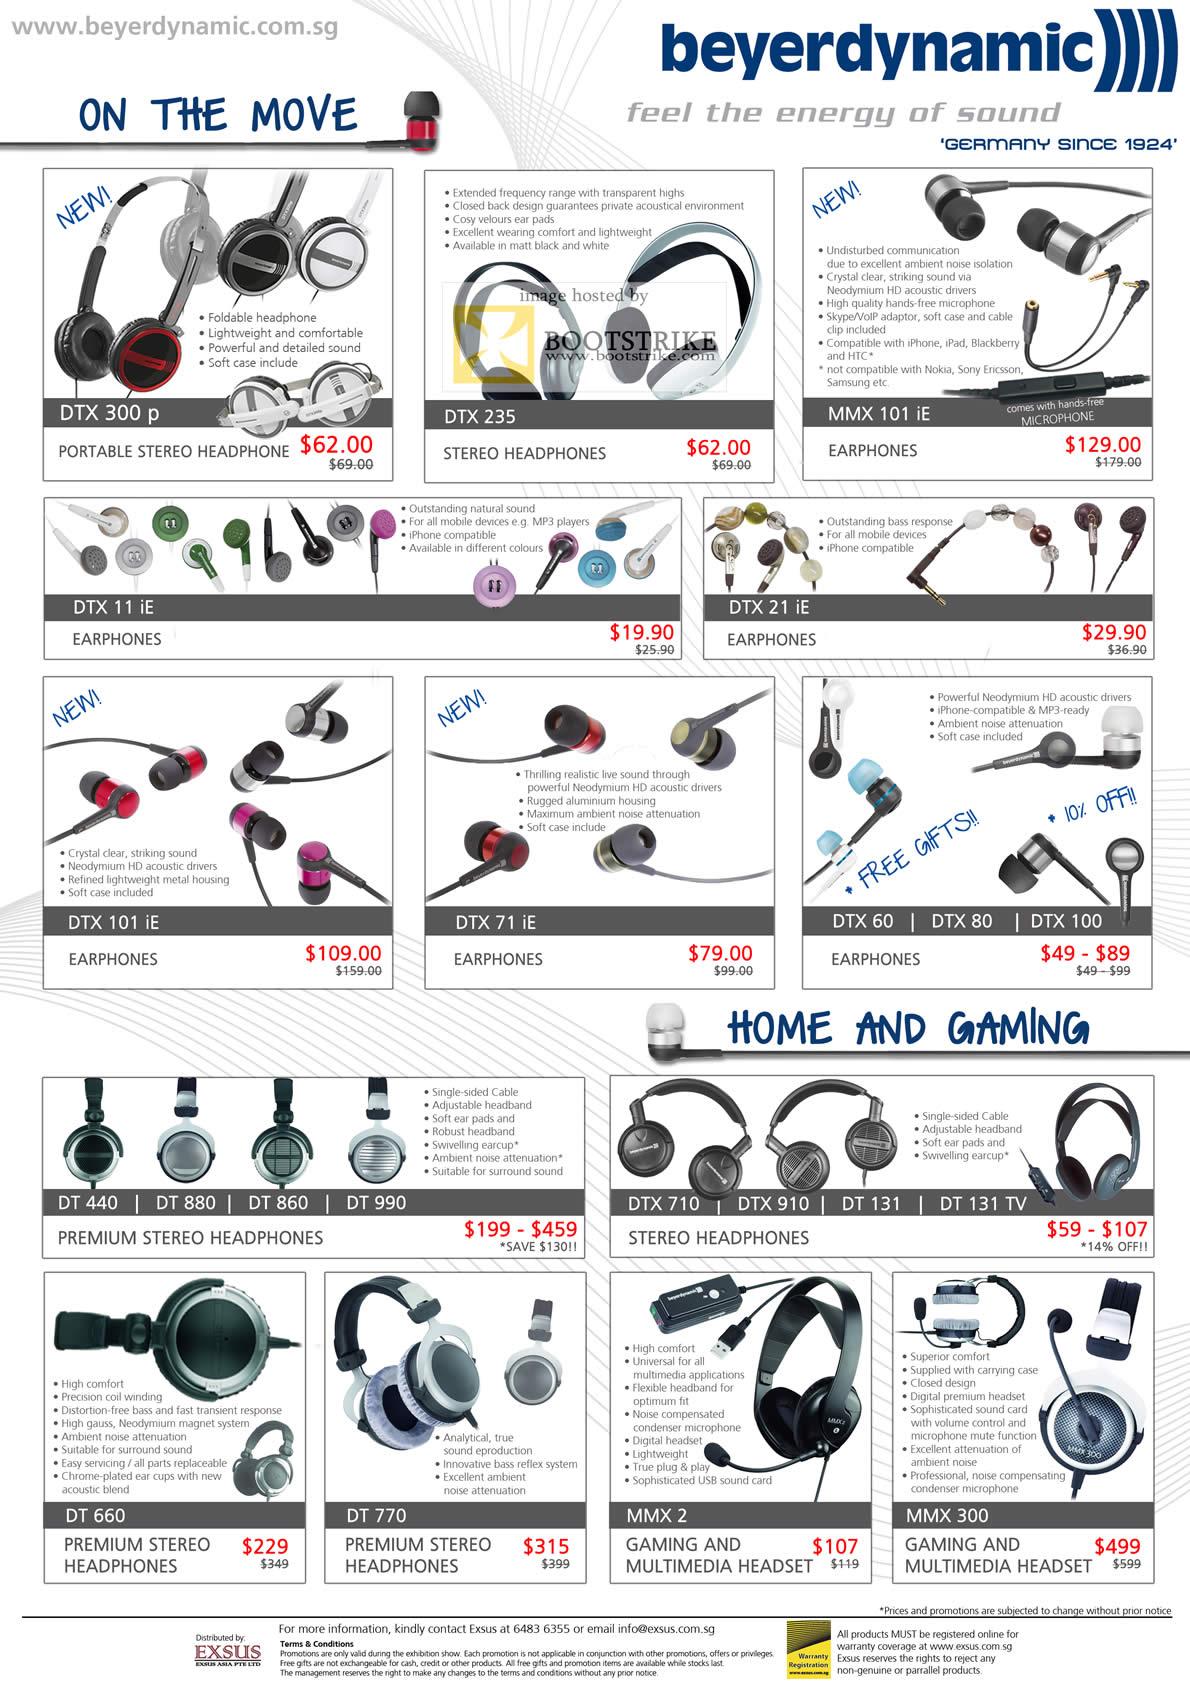 PC Show 2011 price list image brochure of EpiCentre Beyerdynamic Headphones Earphones Mic DTX 300 P 235 MMX 101 IE 11 21 DT DTX MMX 300 2 DT 660 770 440 880 860 990